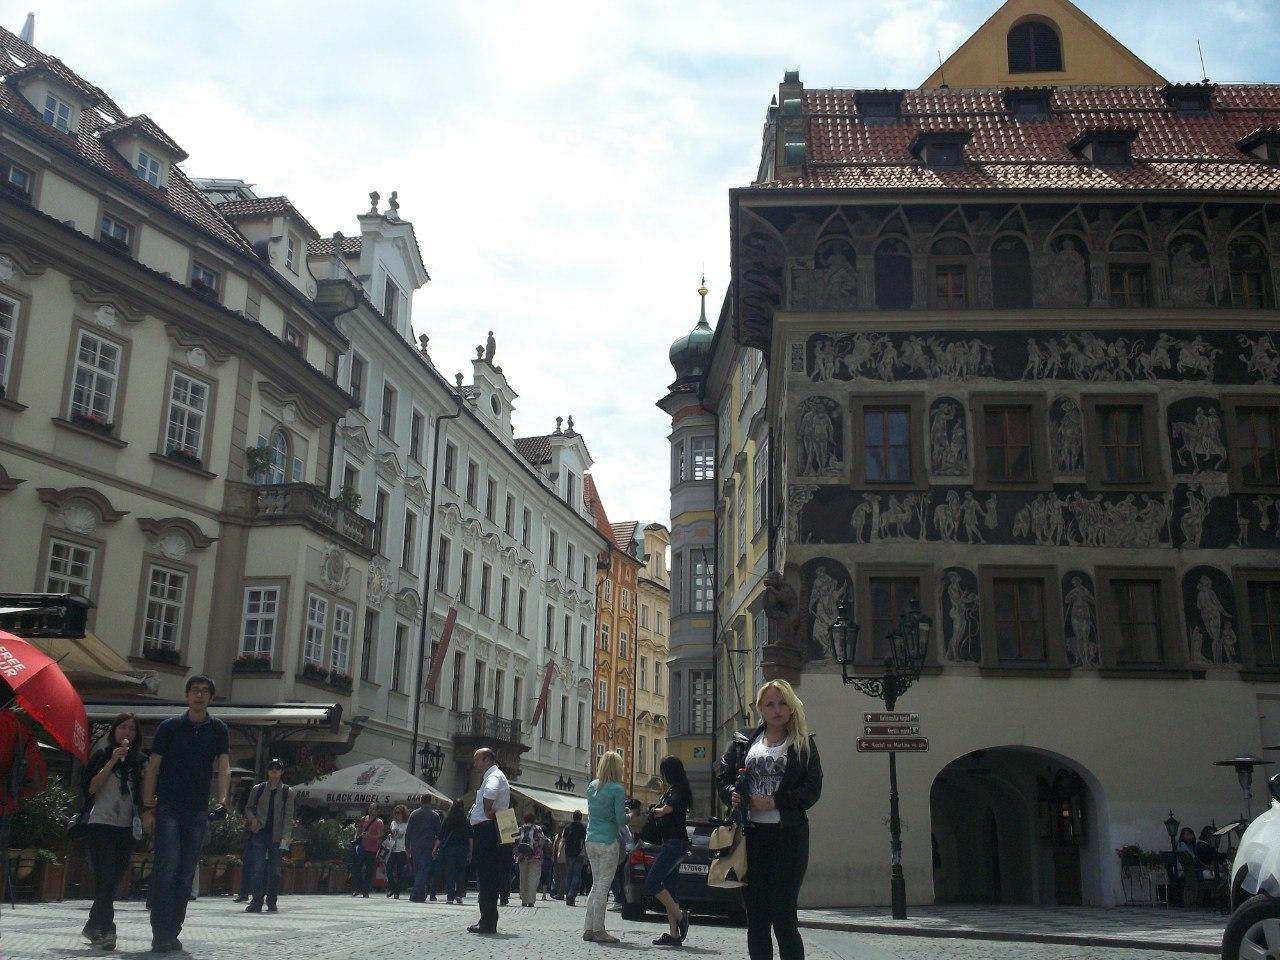 Елена Руденко. Прага. 2013 г. июнь. Foi9vktI81s